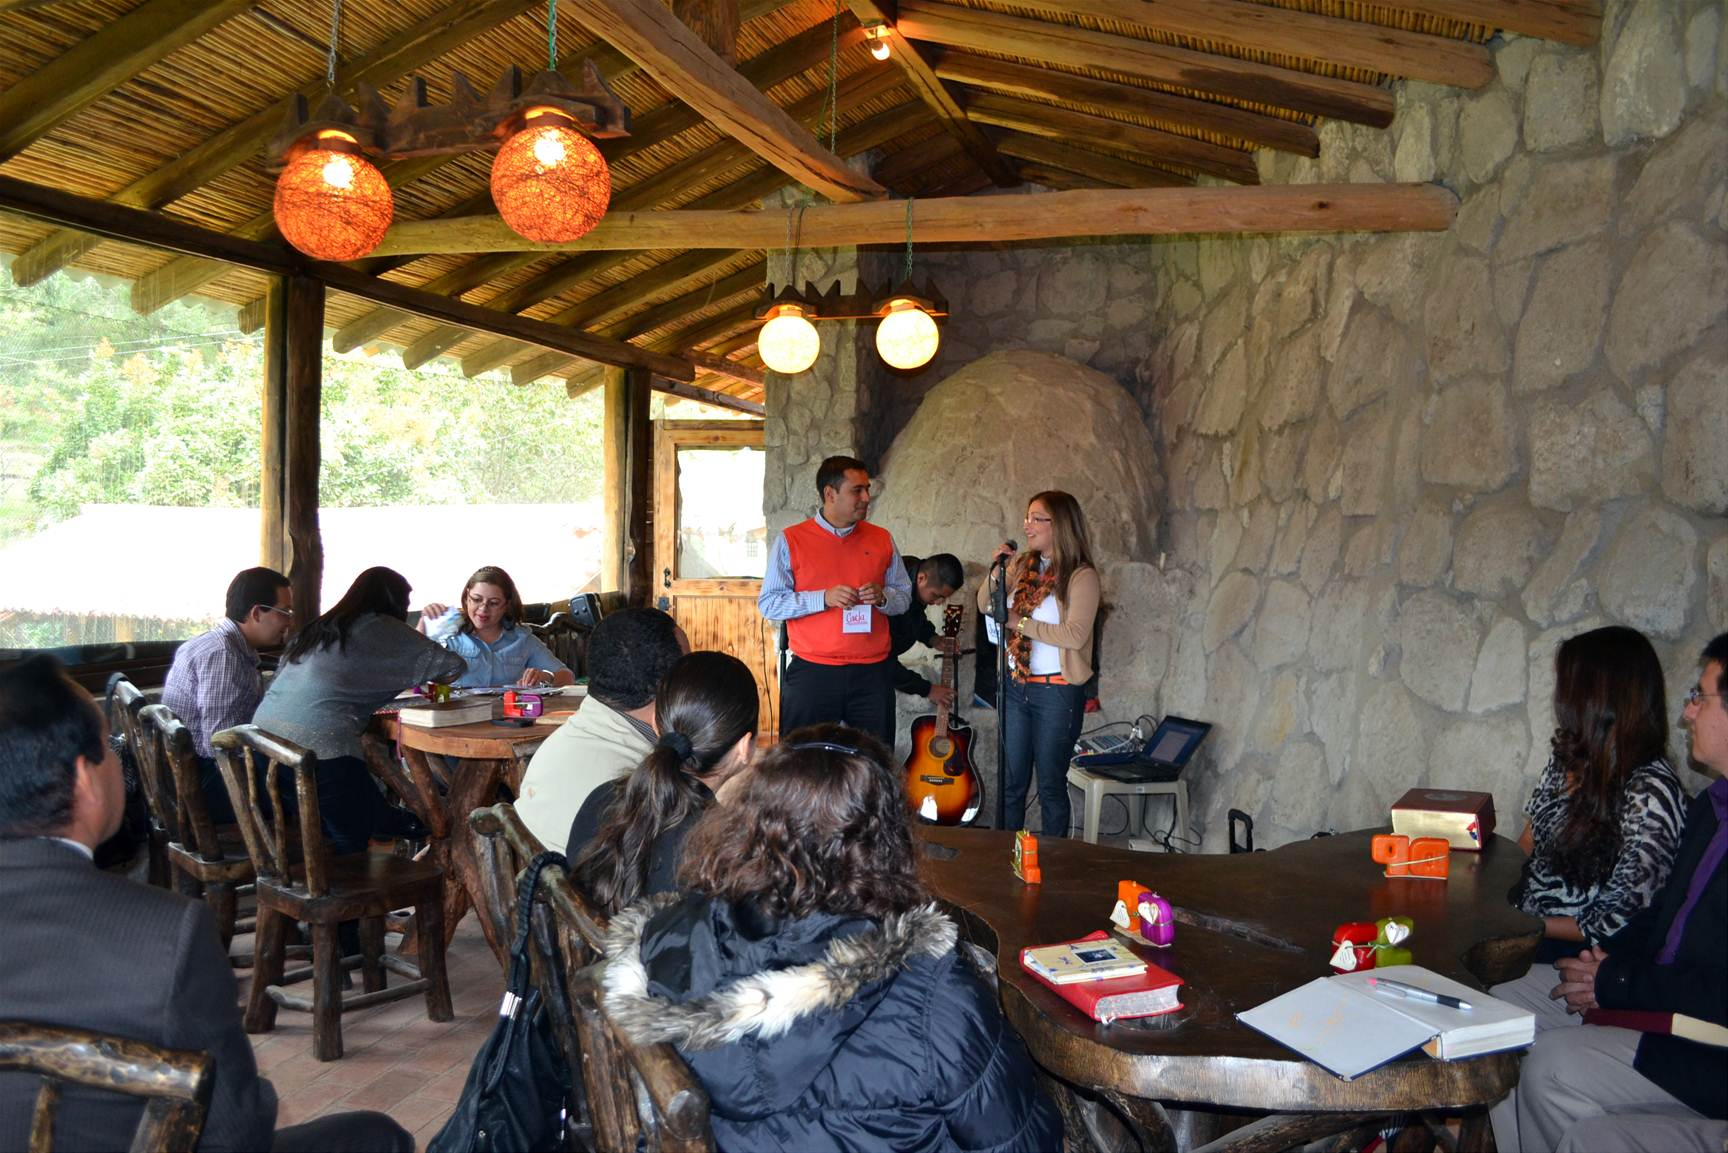 Temas de Familia y Grupos Pequeños son aplicados como estrategia en la plantación de nueva iglesia en Cuenca